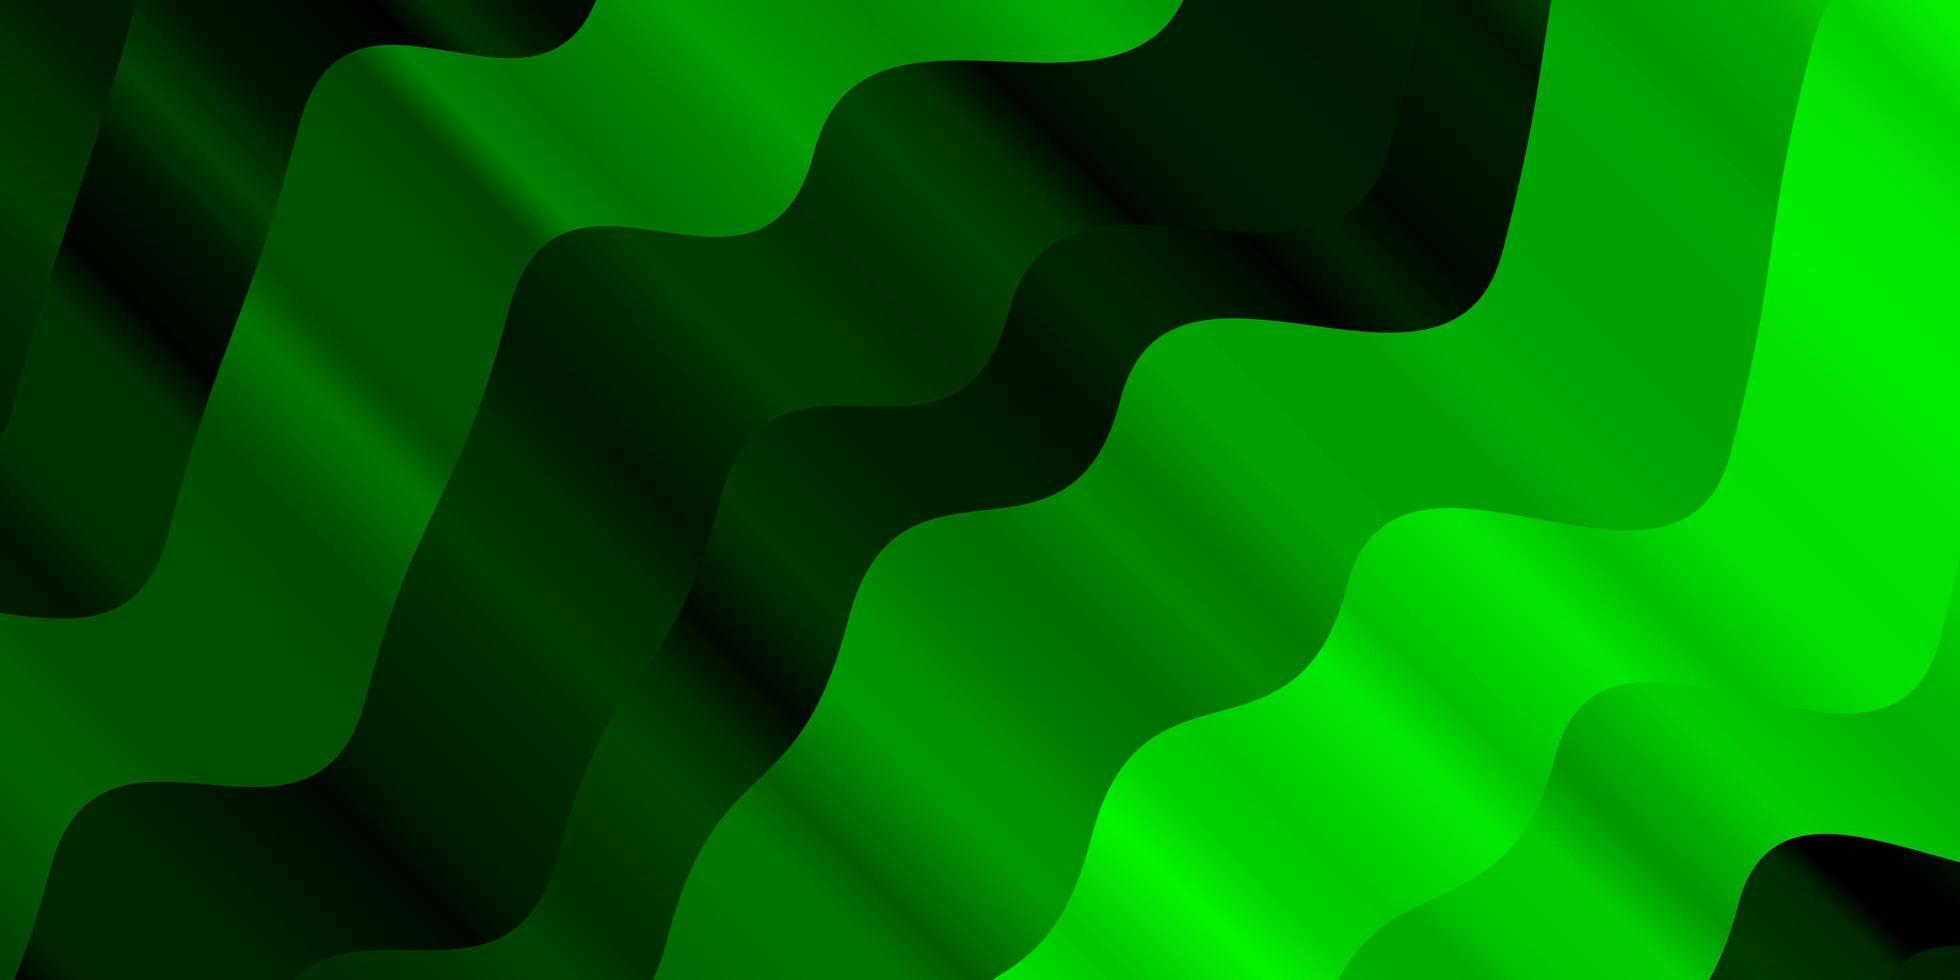 diseño verde claro con curvas. vector